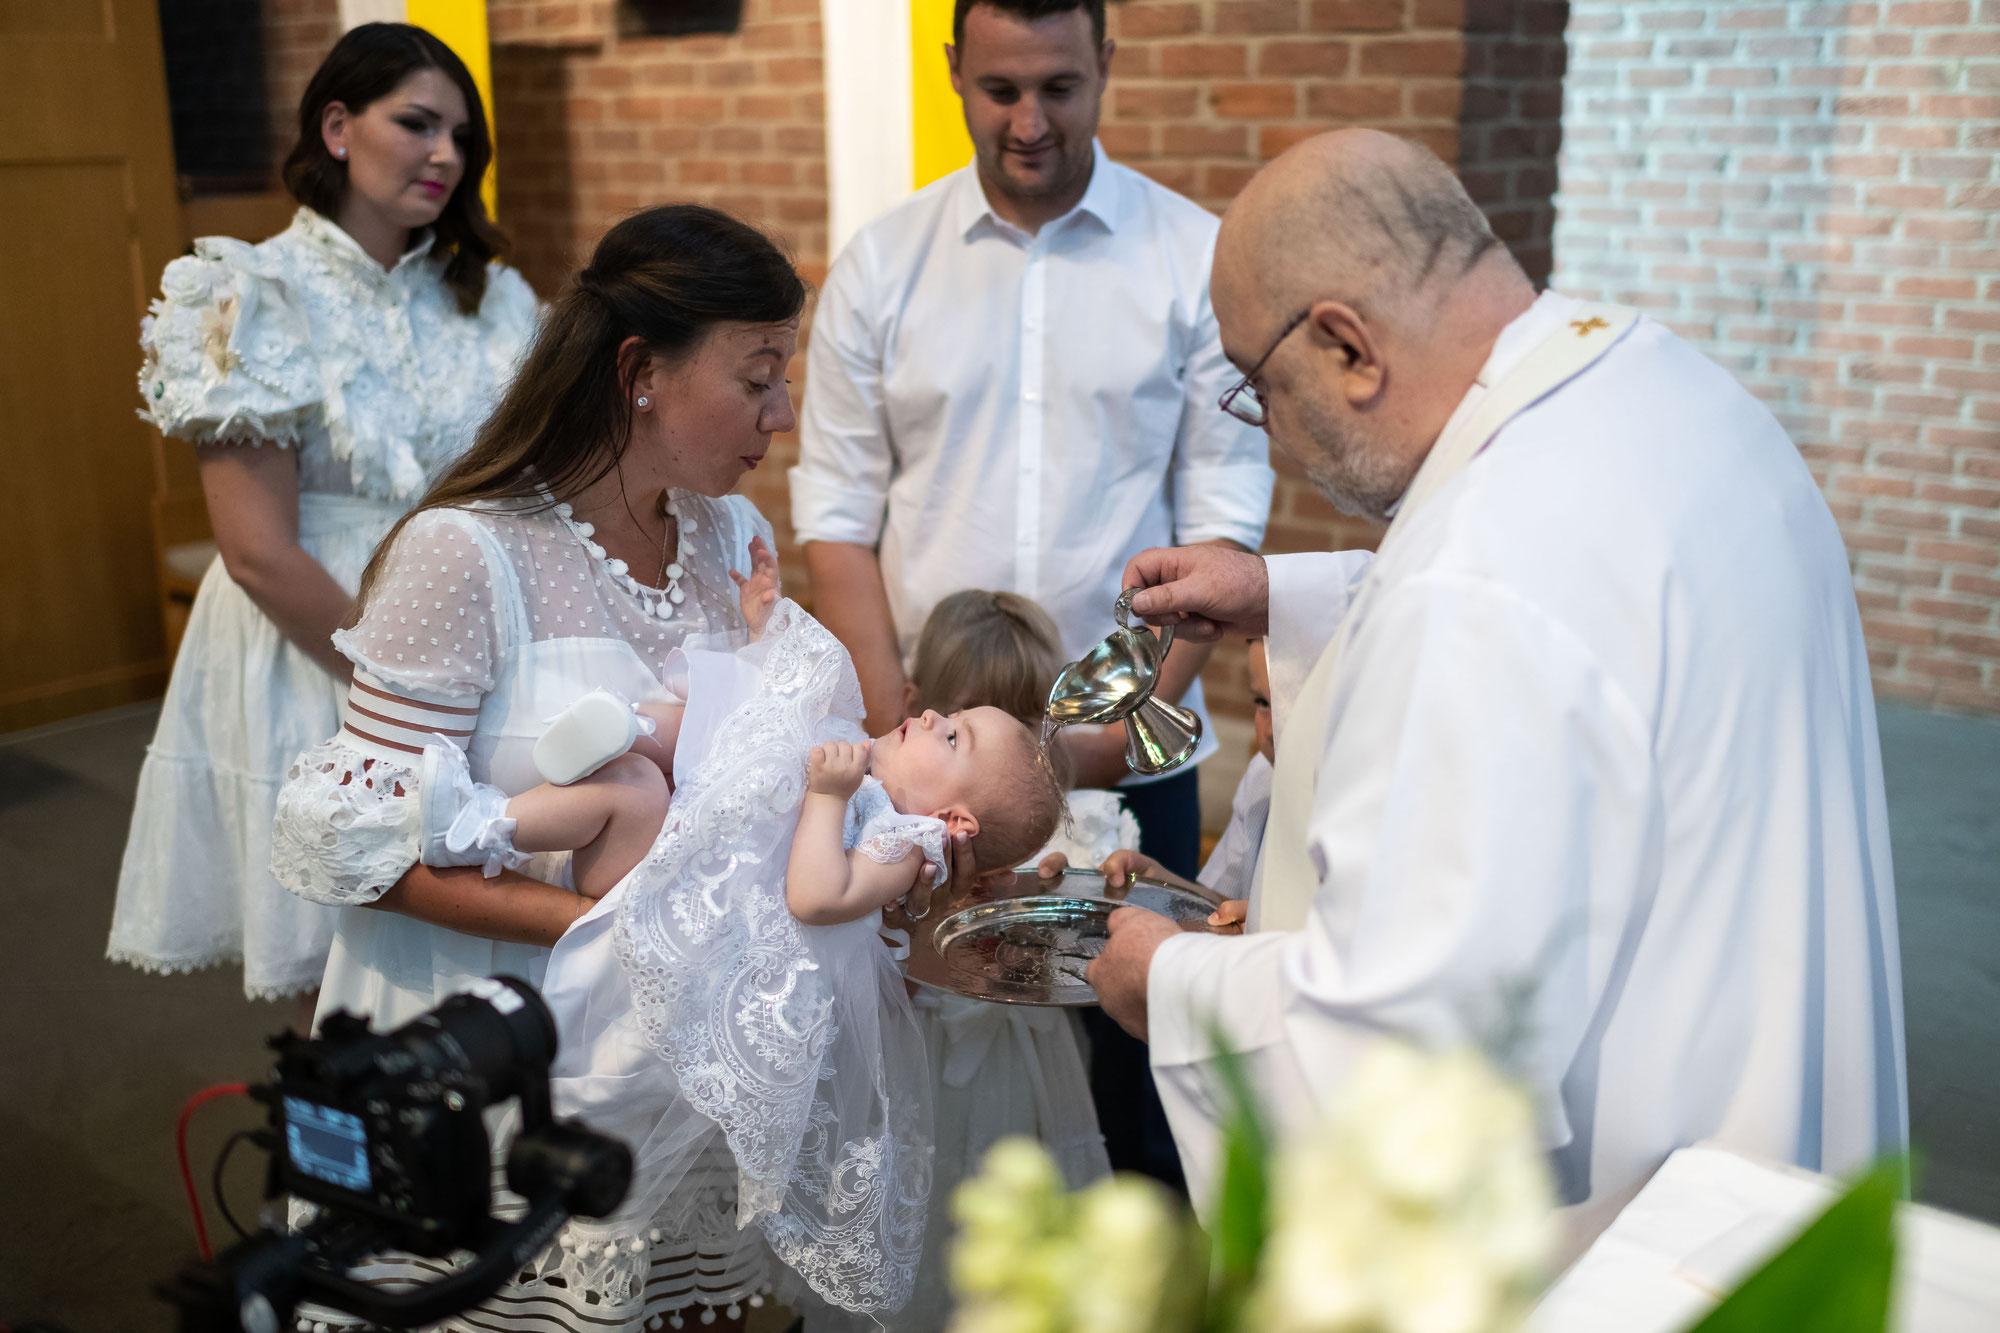 Kamerateam zur Taufe - Fotograf und Videograf für die schönen Erinnerungen meiner Katholischen Taufe in Karben und Umgebung